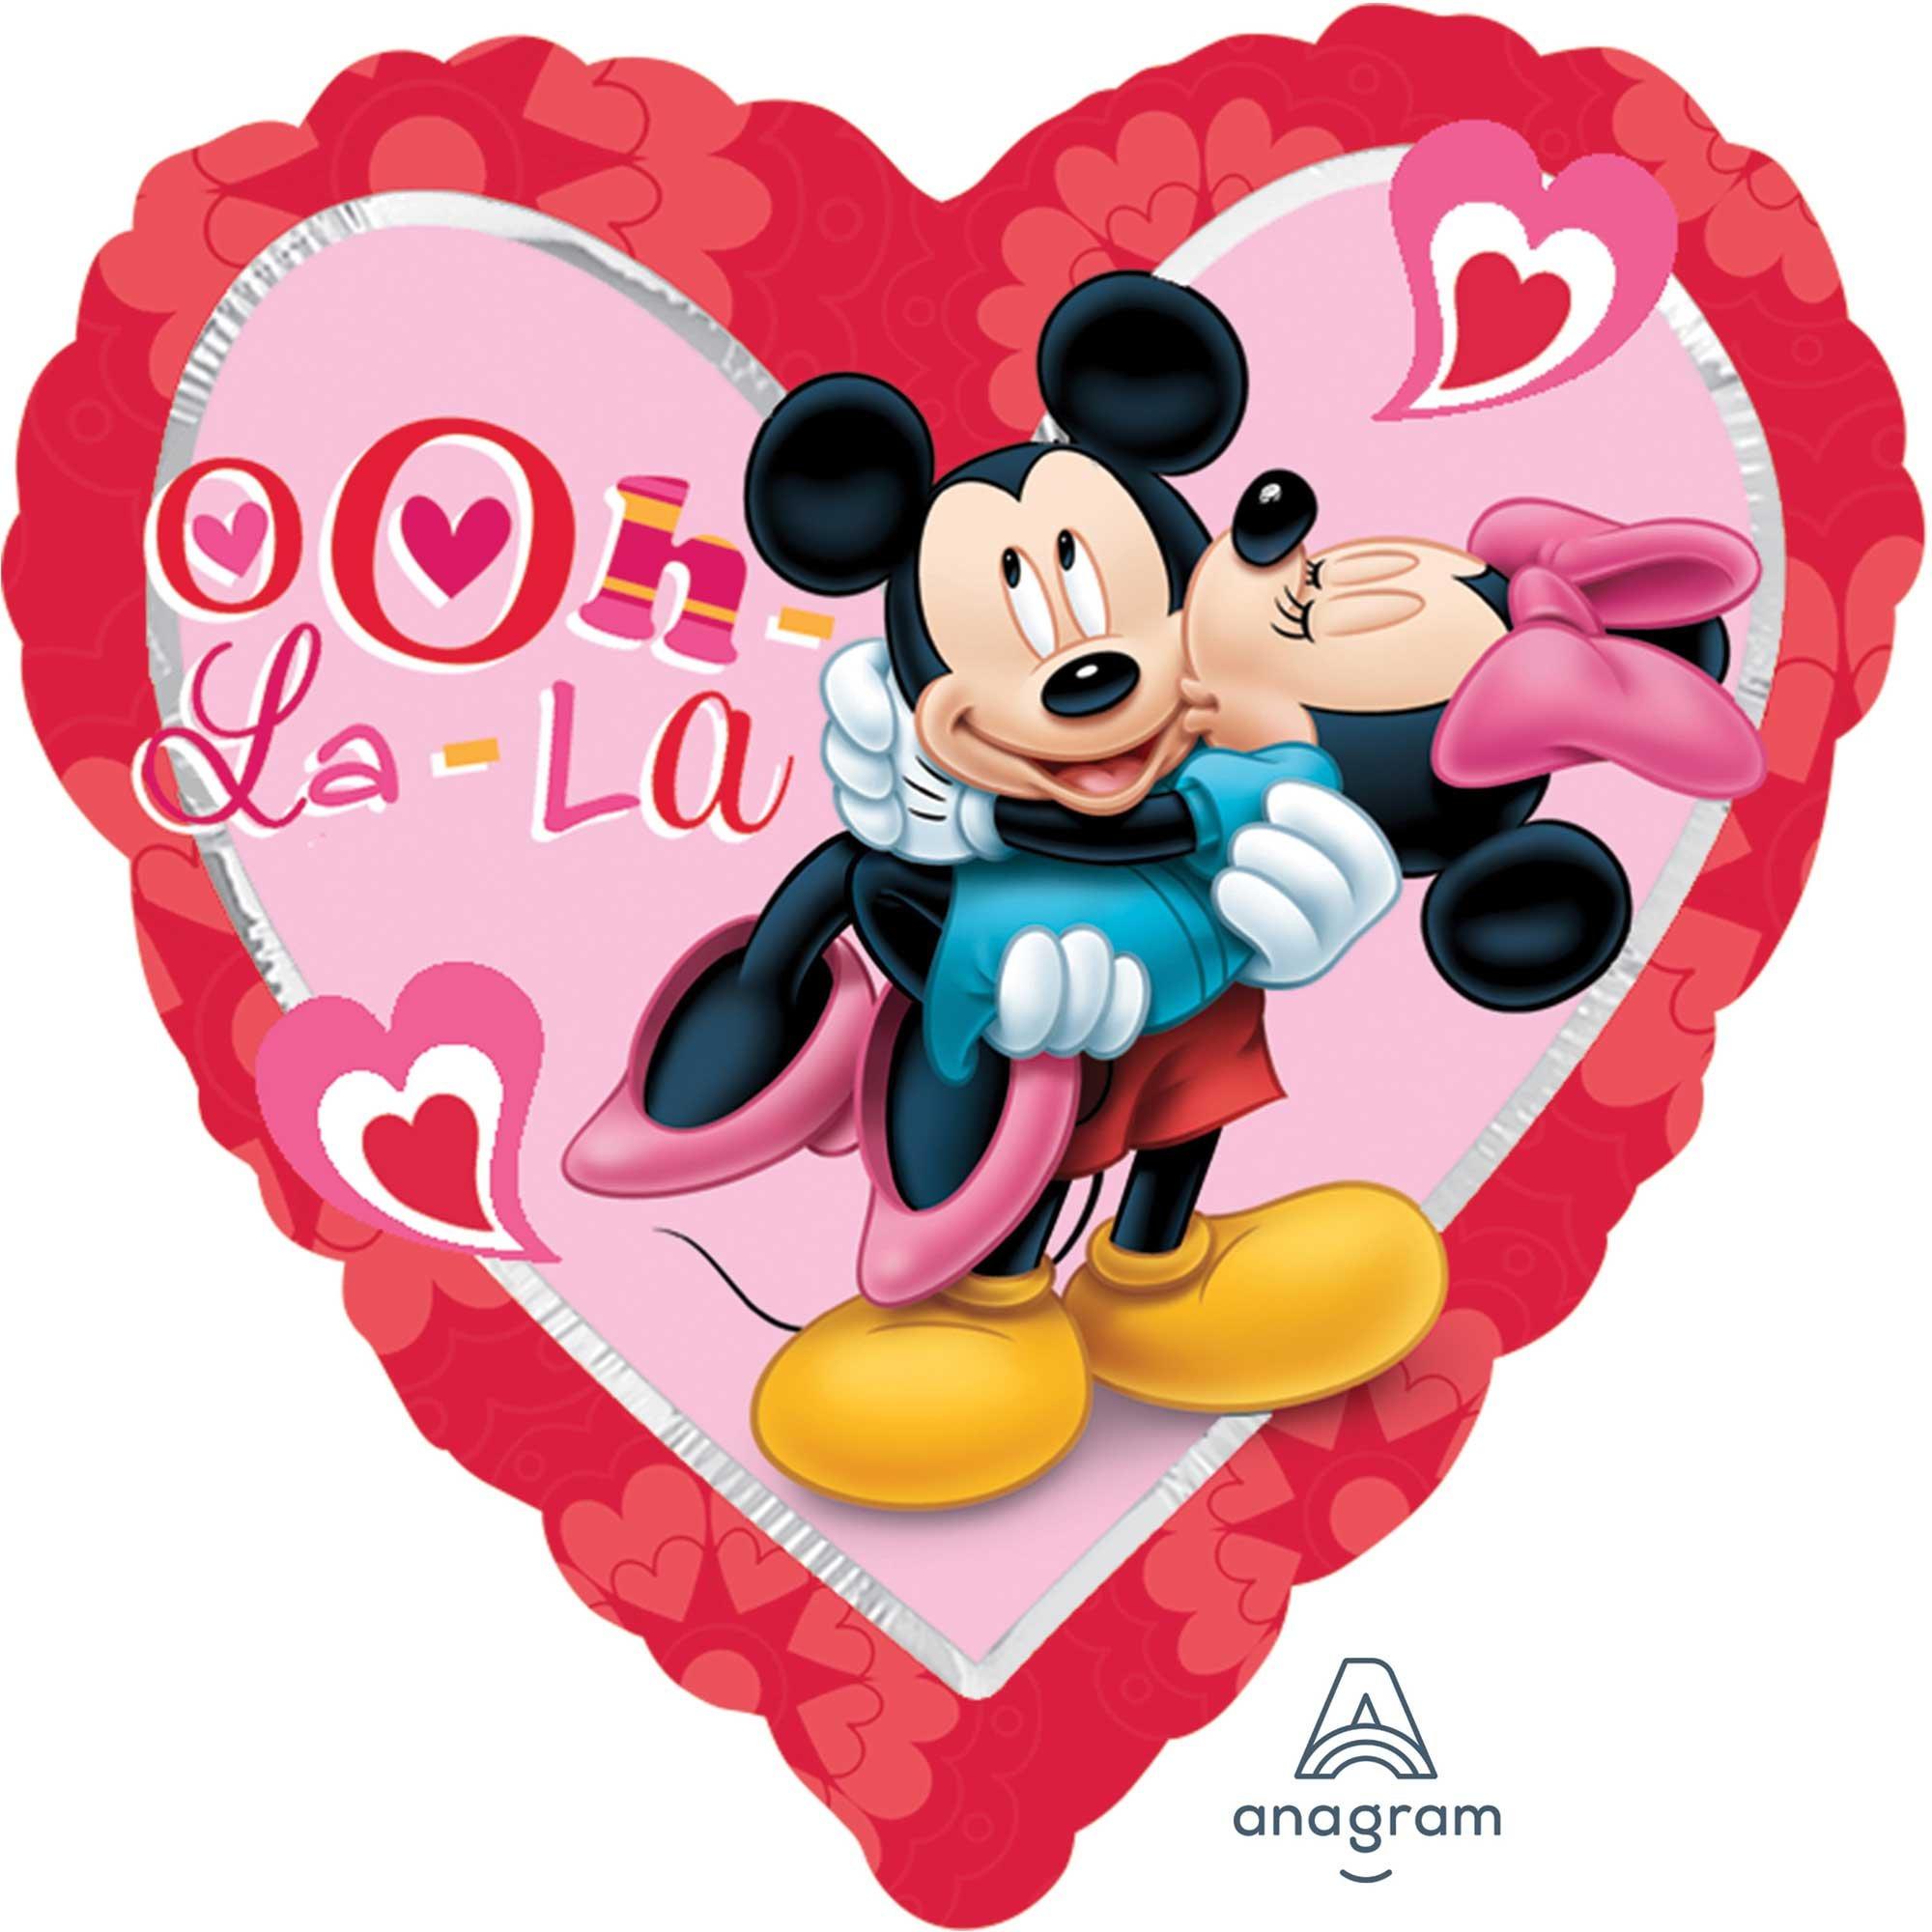 45cm Standard XL Mickey & Minnie Heart S60